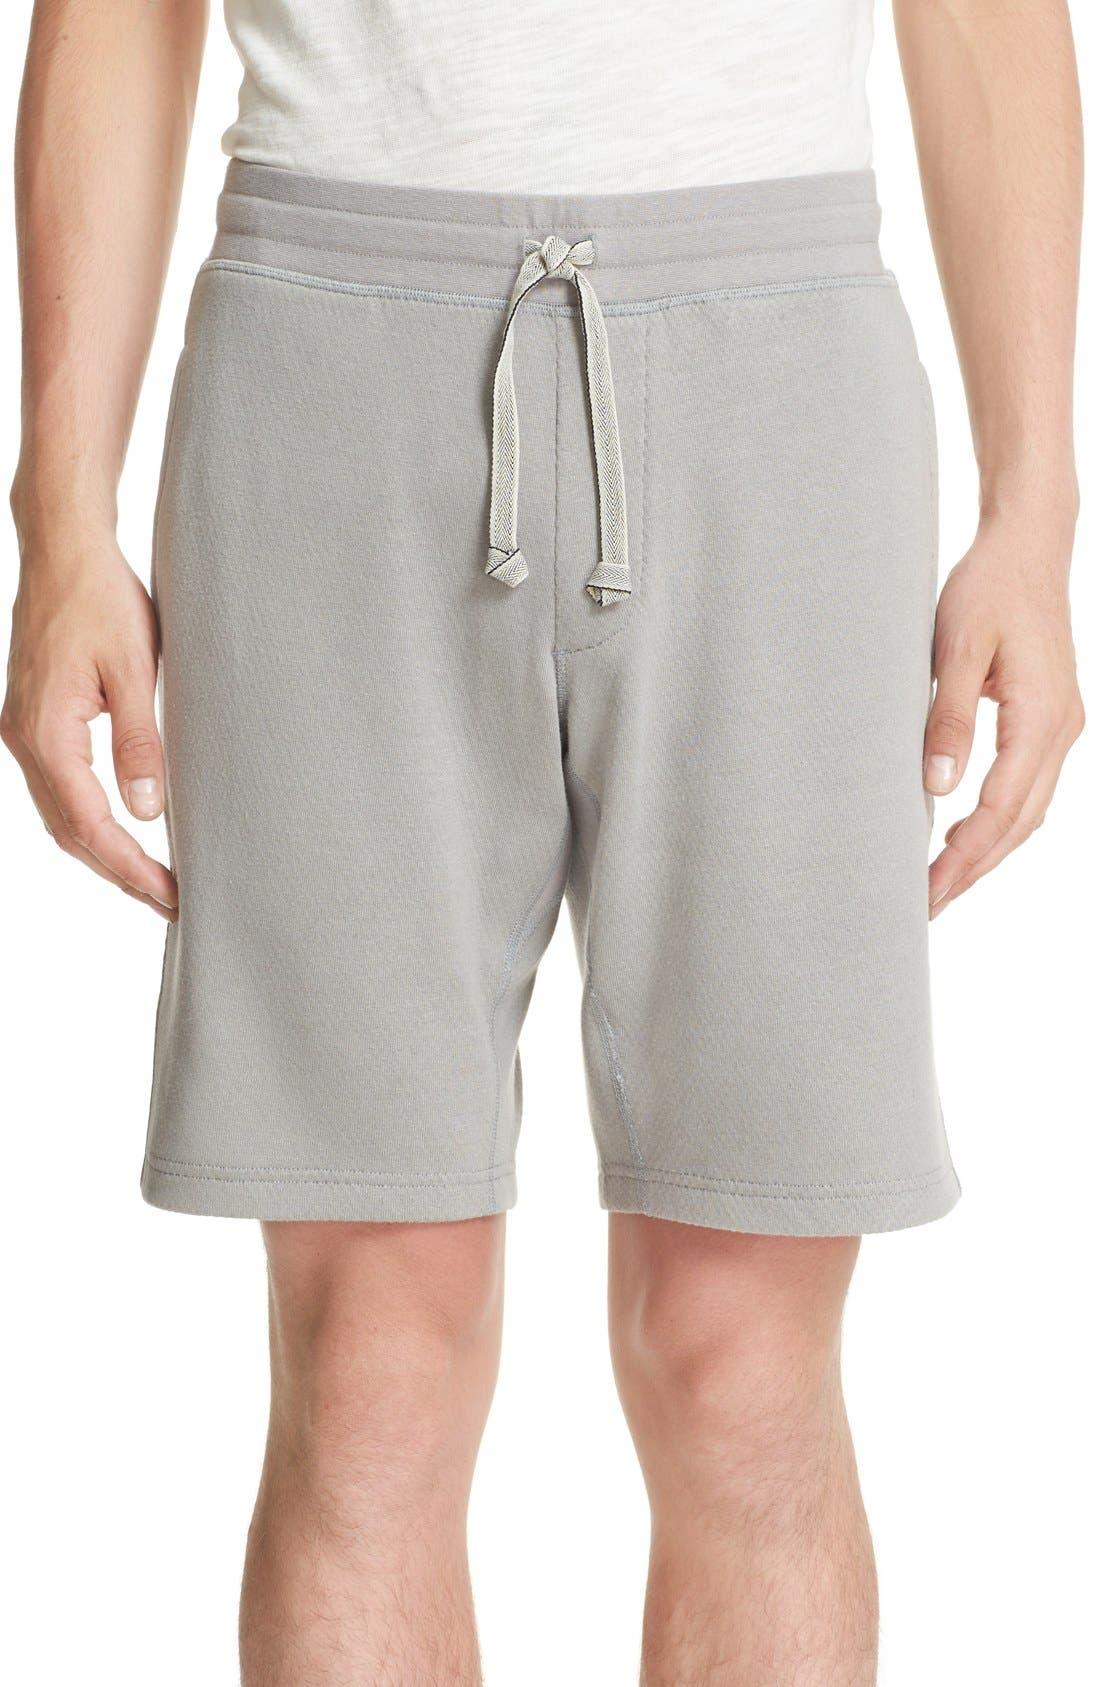 Bonded Jersey Shorts,                             Main thumbnail 1, color,                             020